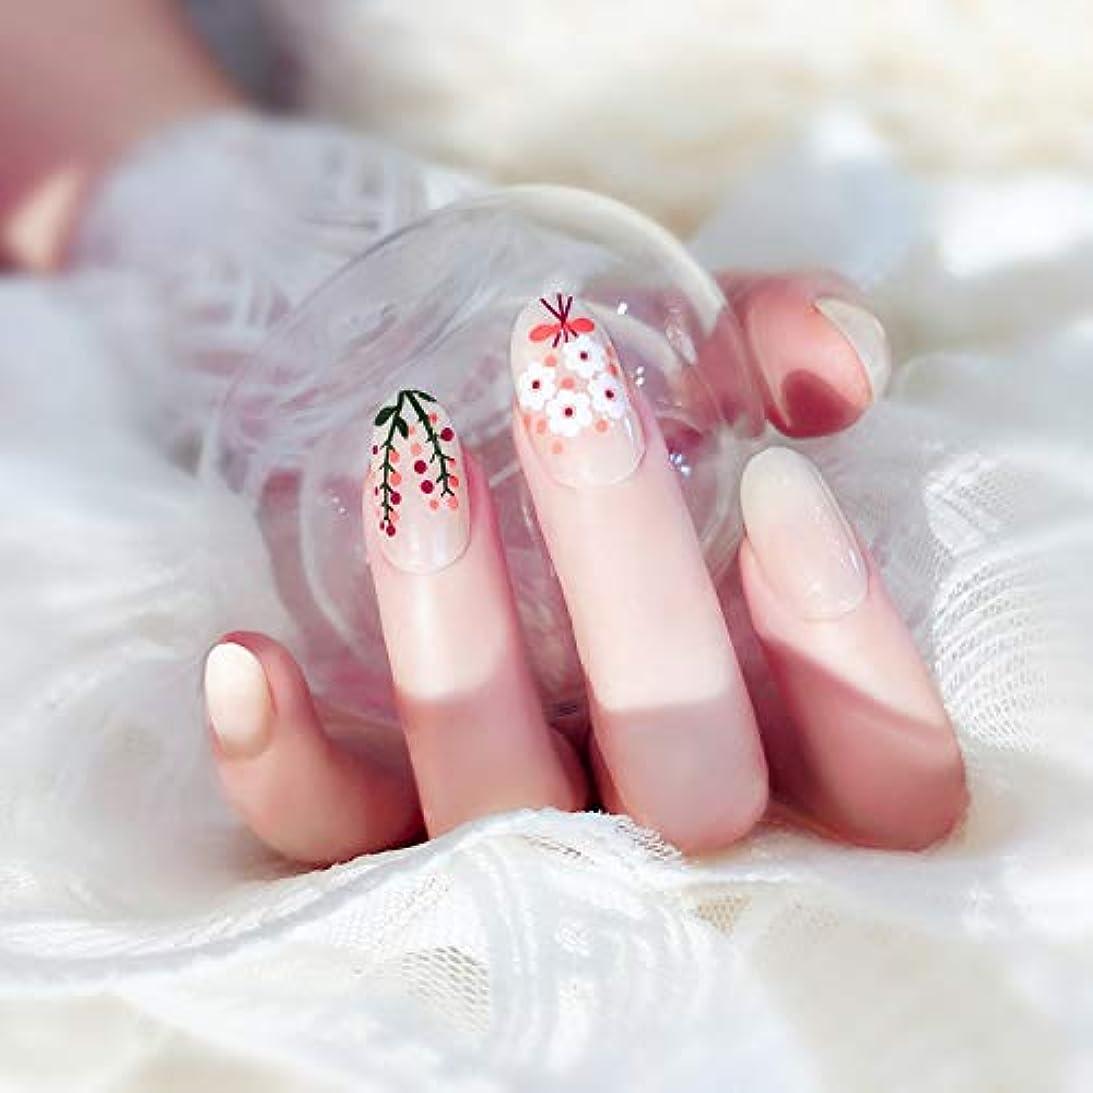 付添人長老安らぎ24枚入 可愛い優雅ネイル 手作りネイルチップ 和装 ネイル 結婚式、パーティー、二次会など 予め接着した爪 中等長ネイルチップ (Z22)